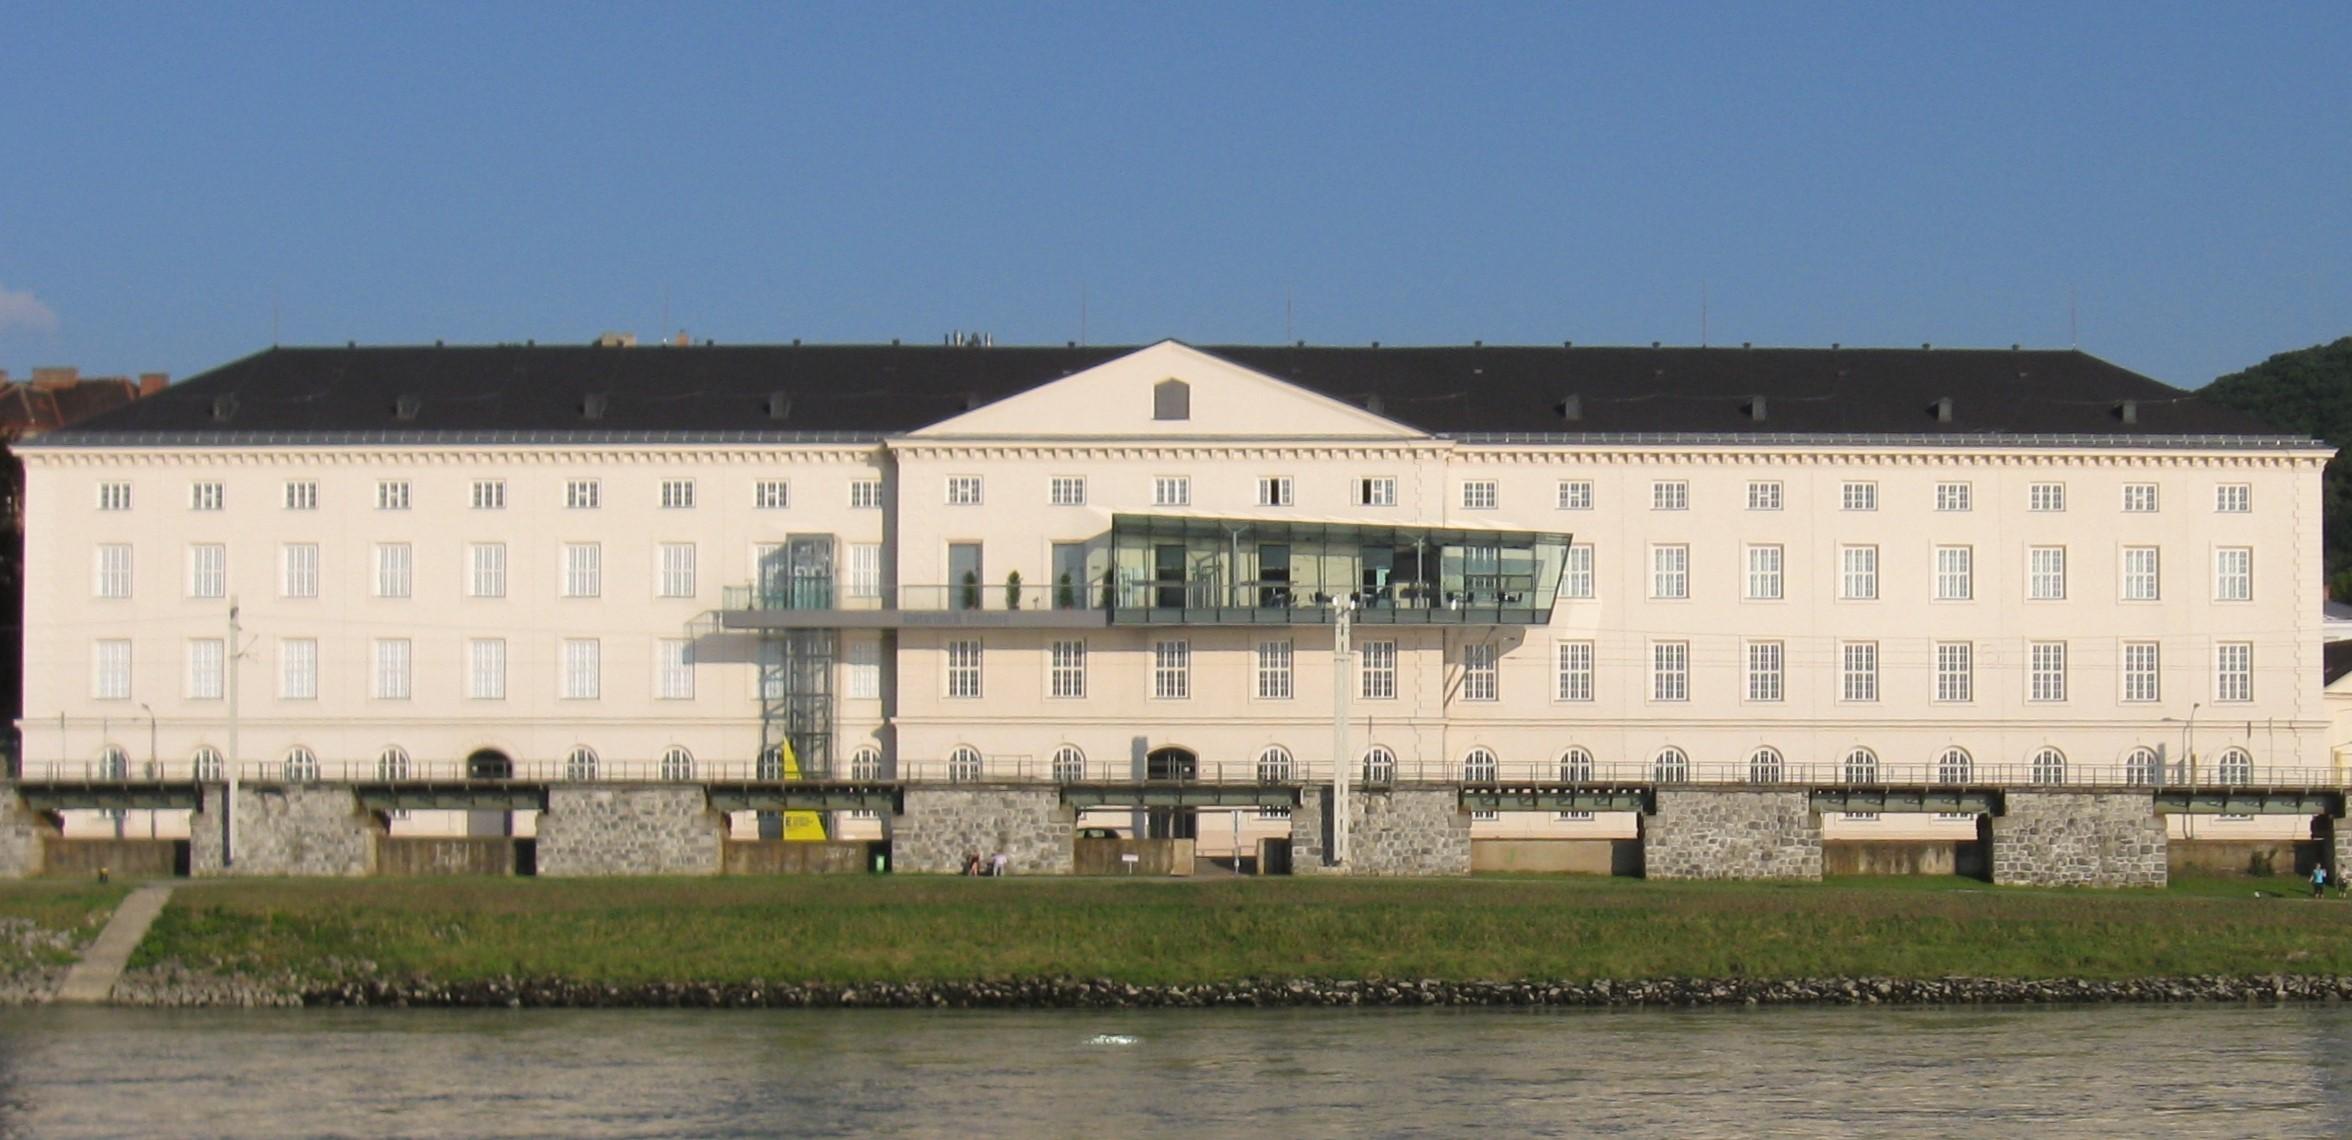 Kulturfabrik Hainburg